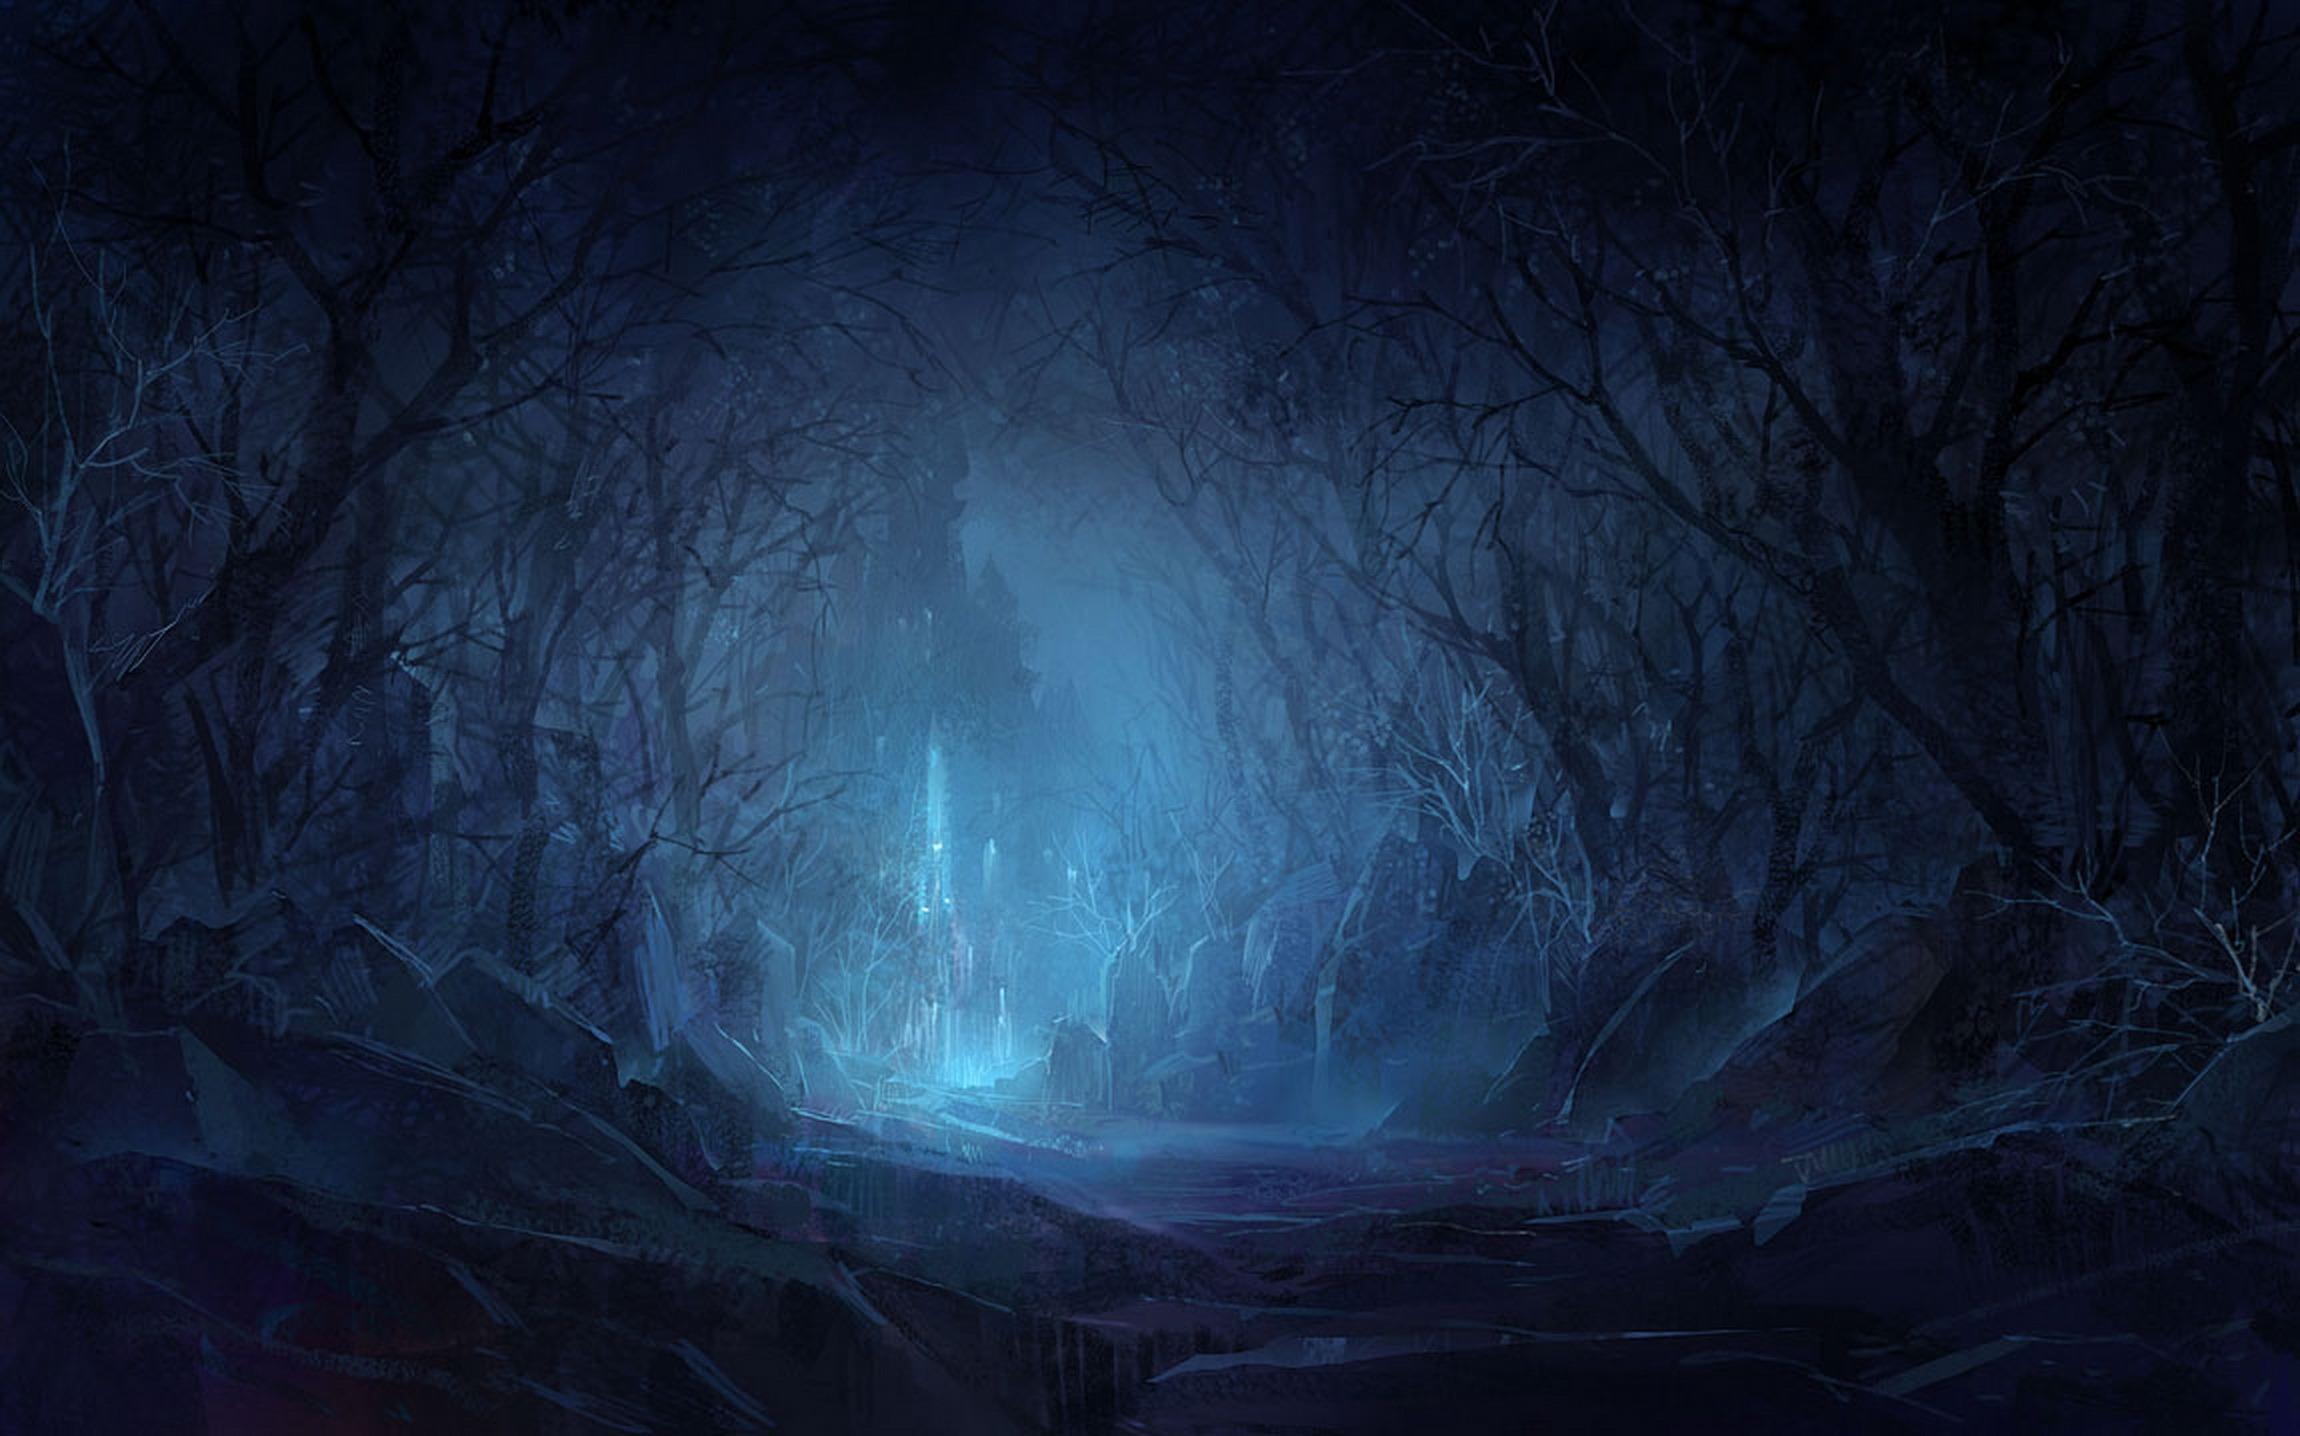 картинки призрачного леса была довольно скромной